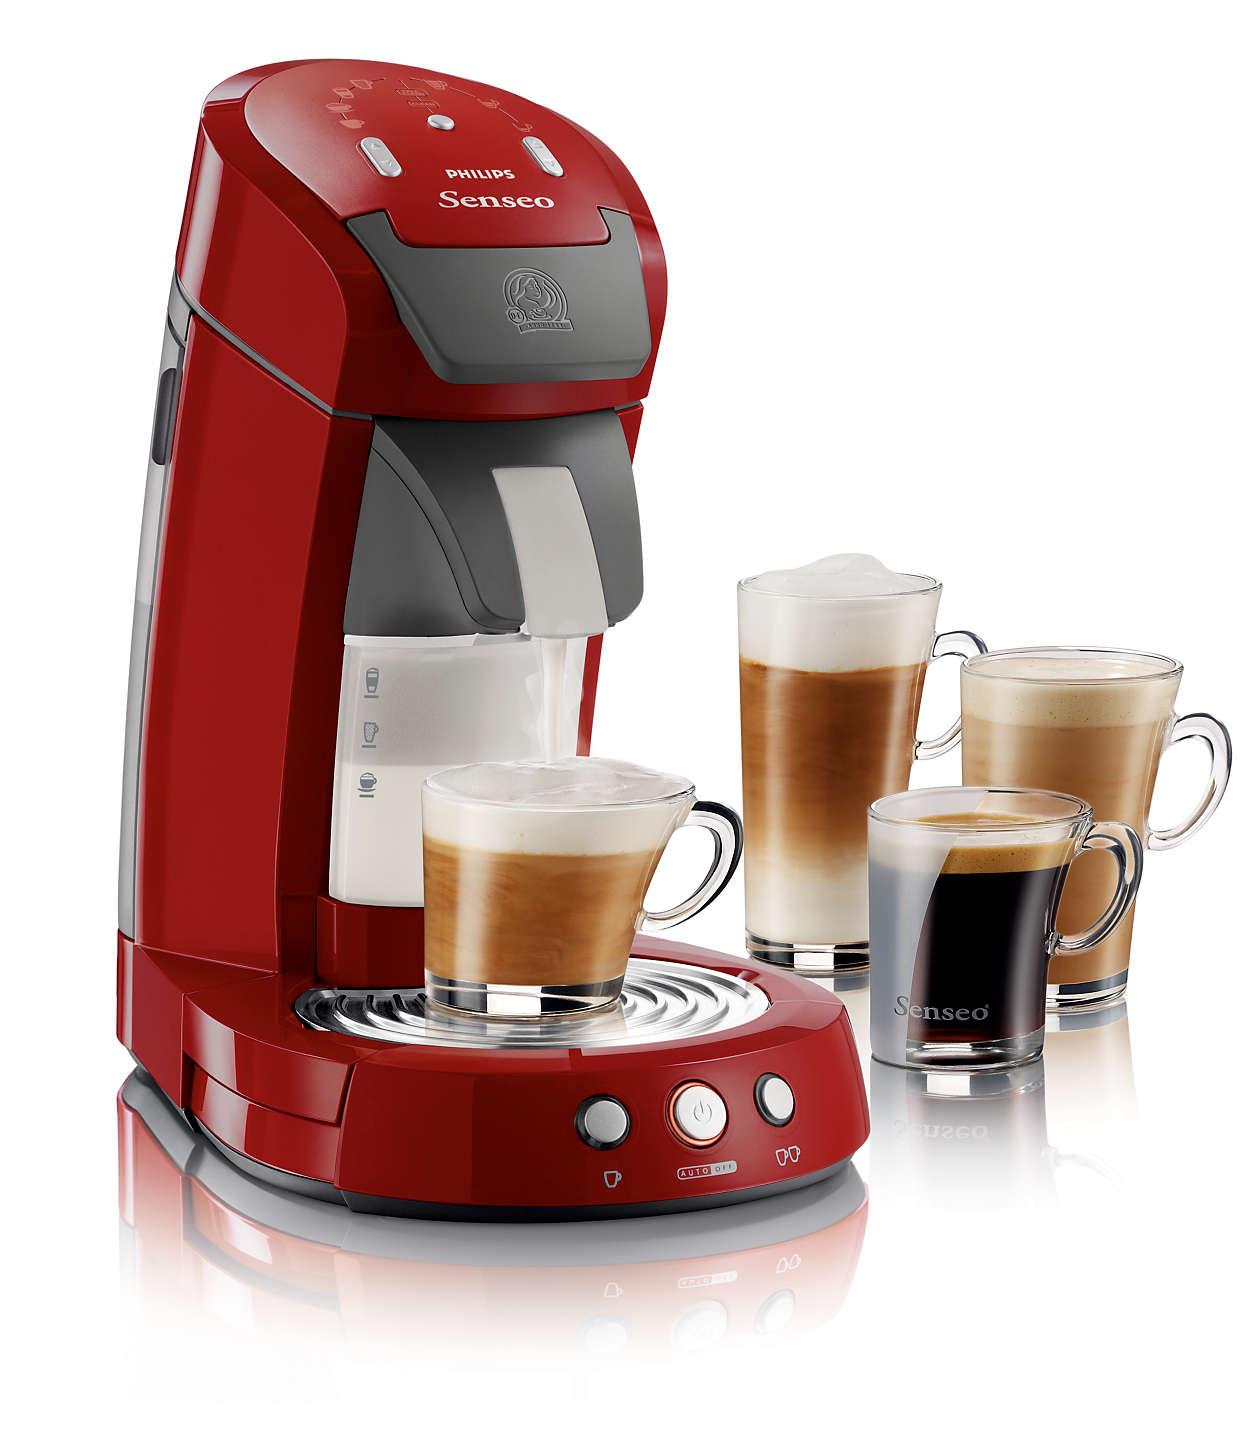 Objevte své oblíbené kávové speciality